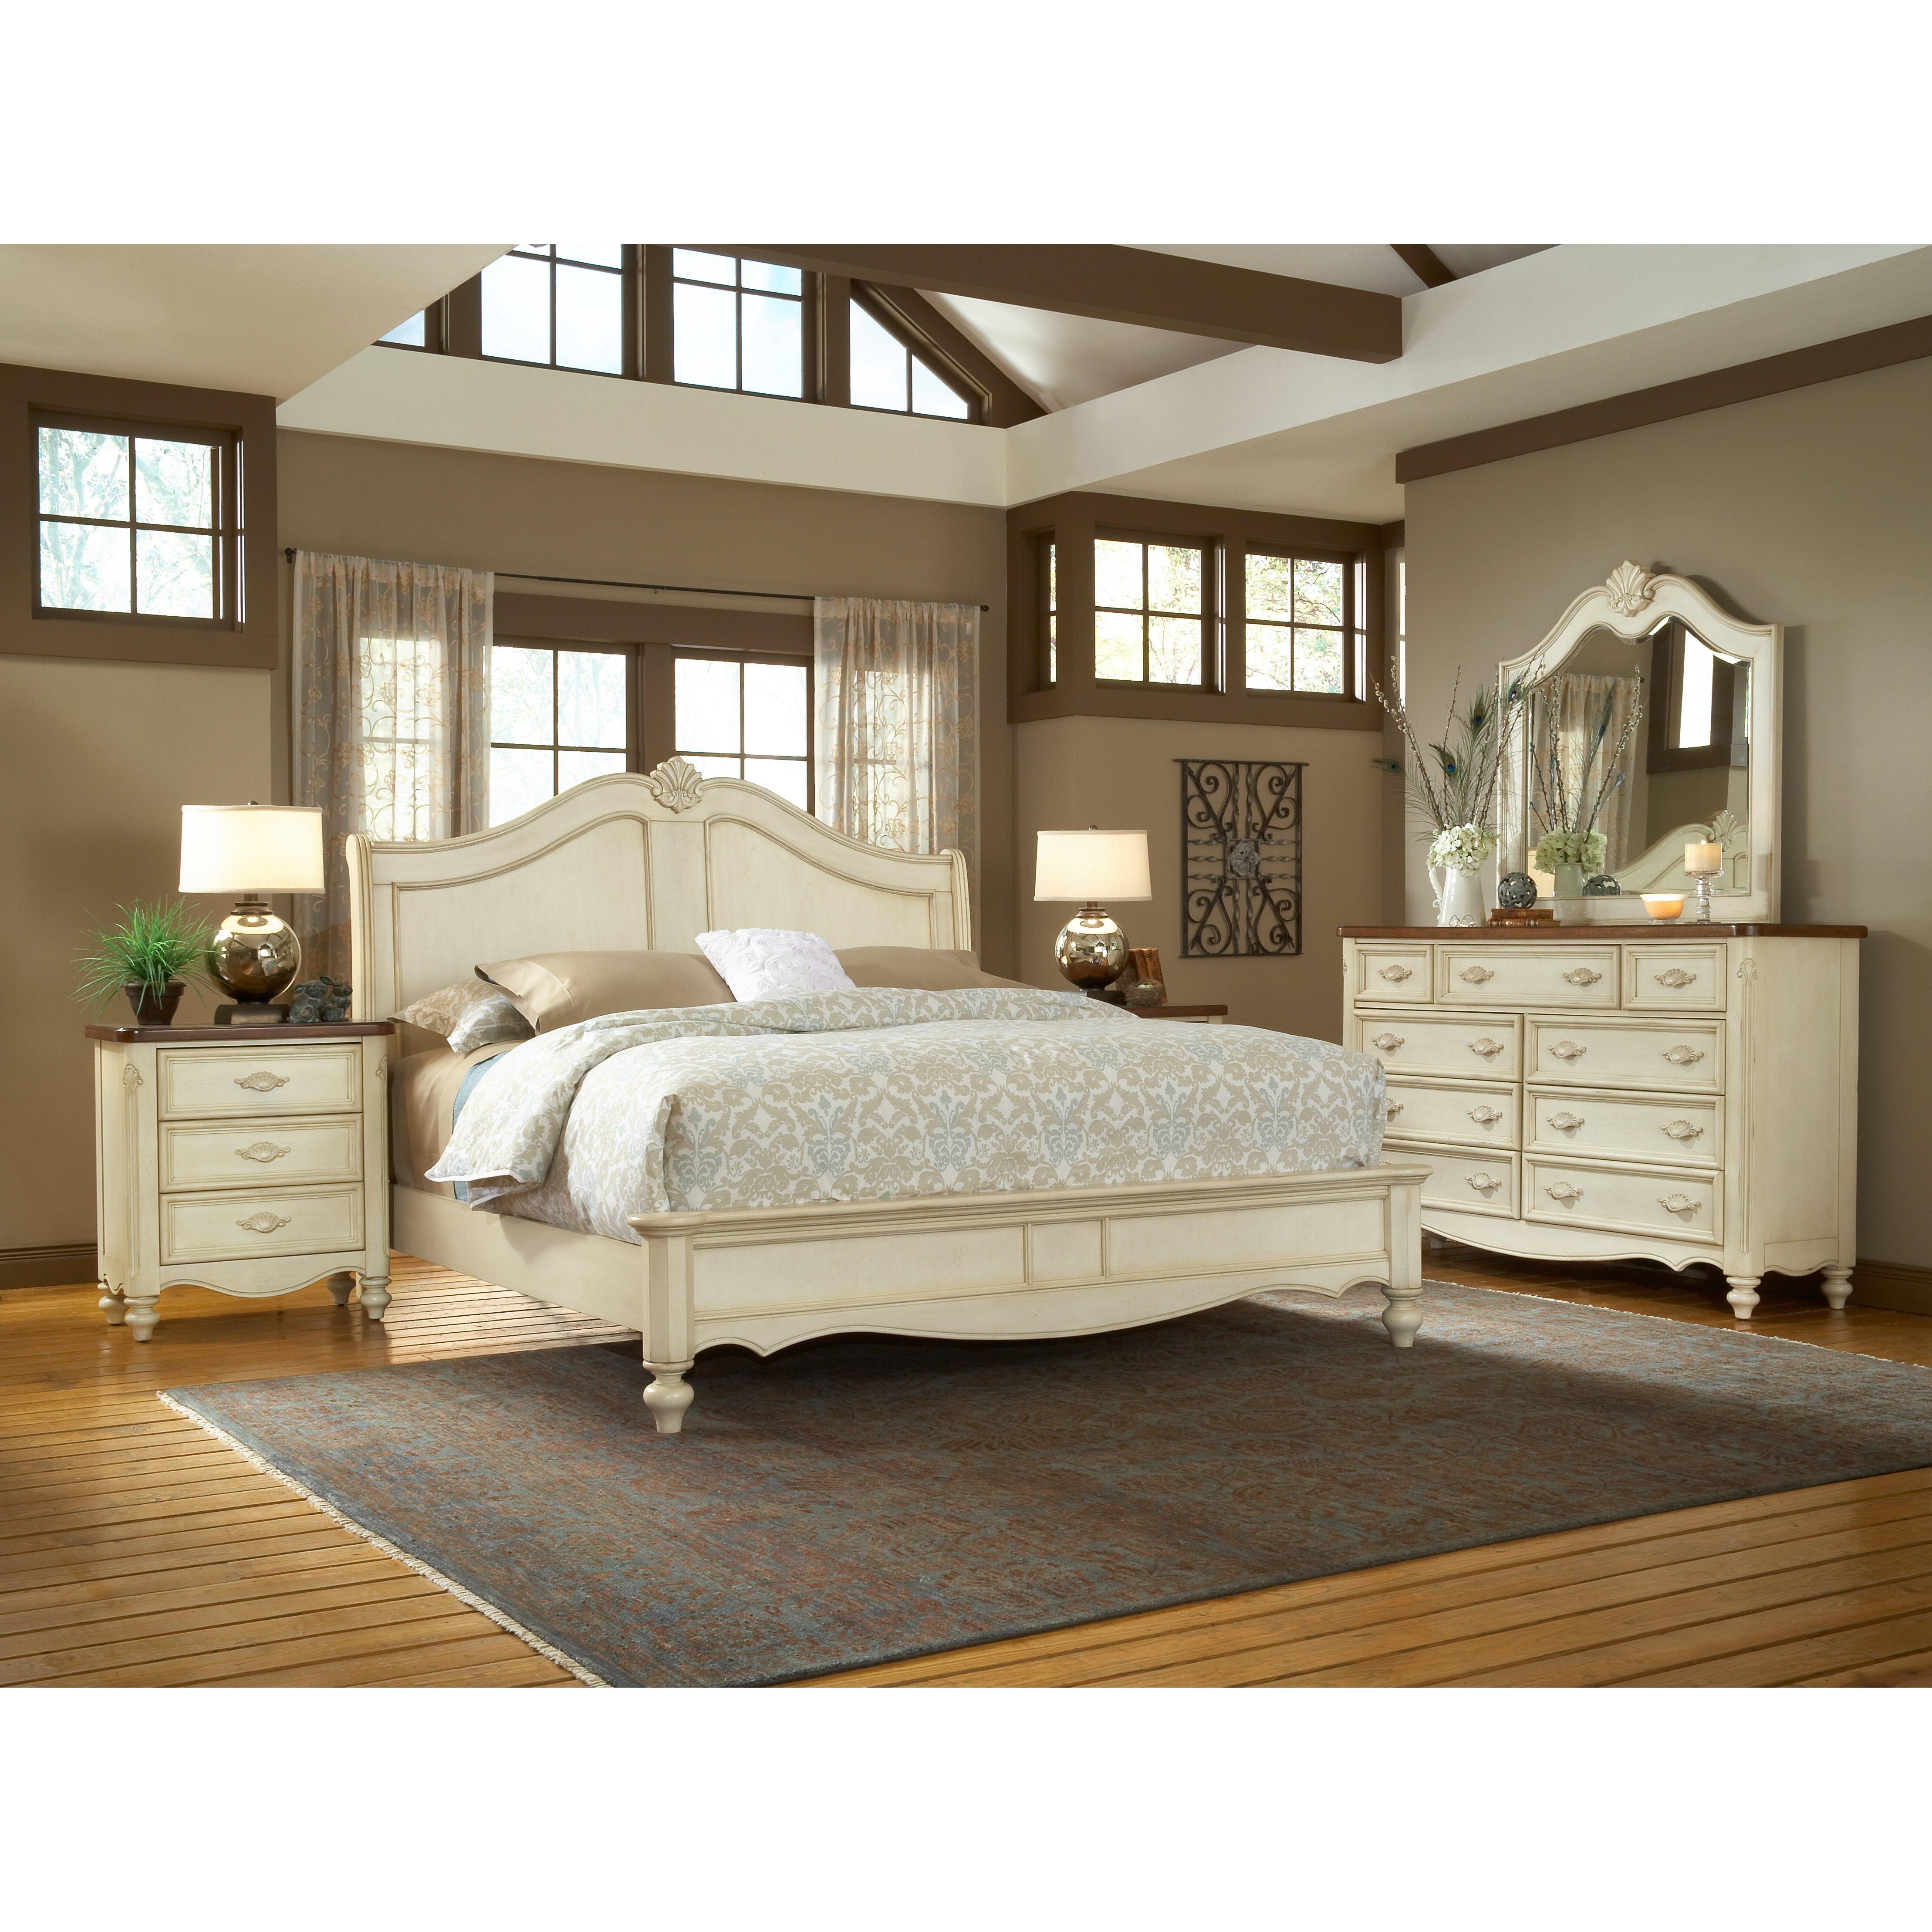 One Allium Way Brecon Panel Customizable Bedroom Set ...